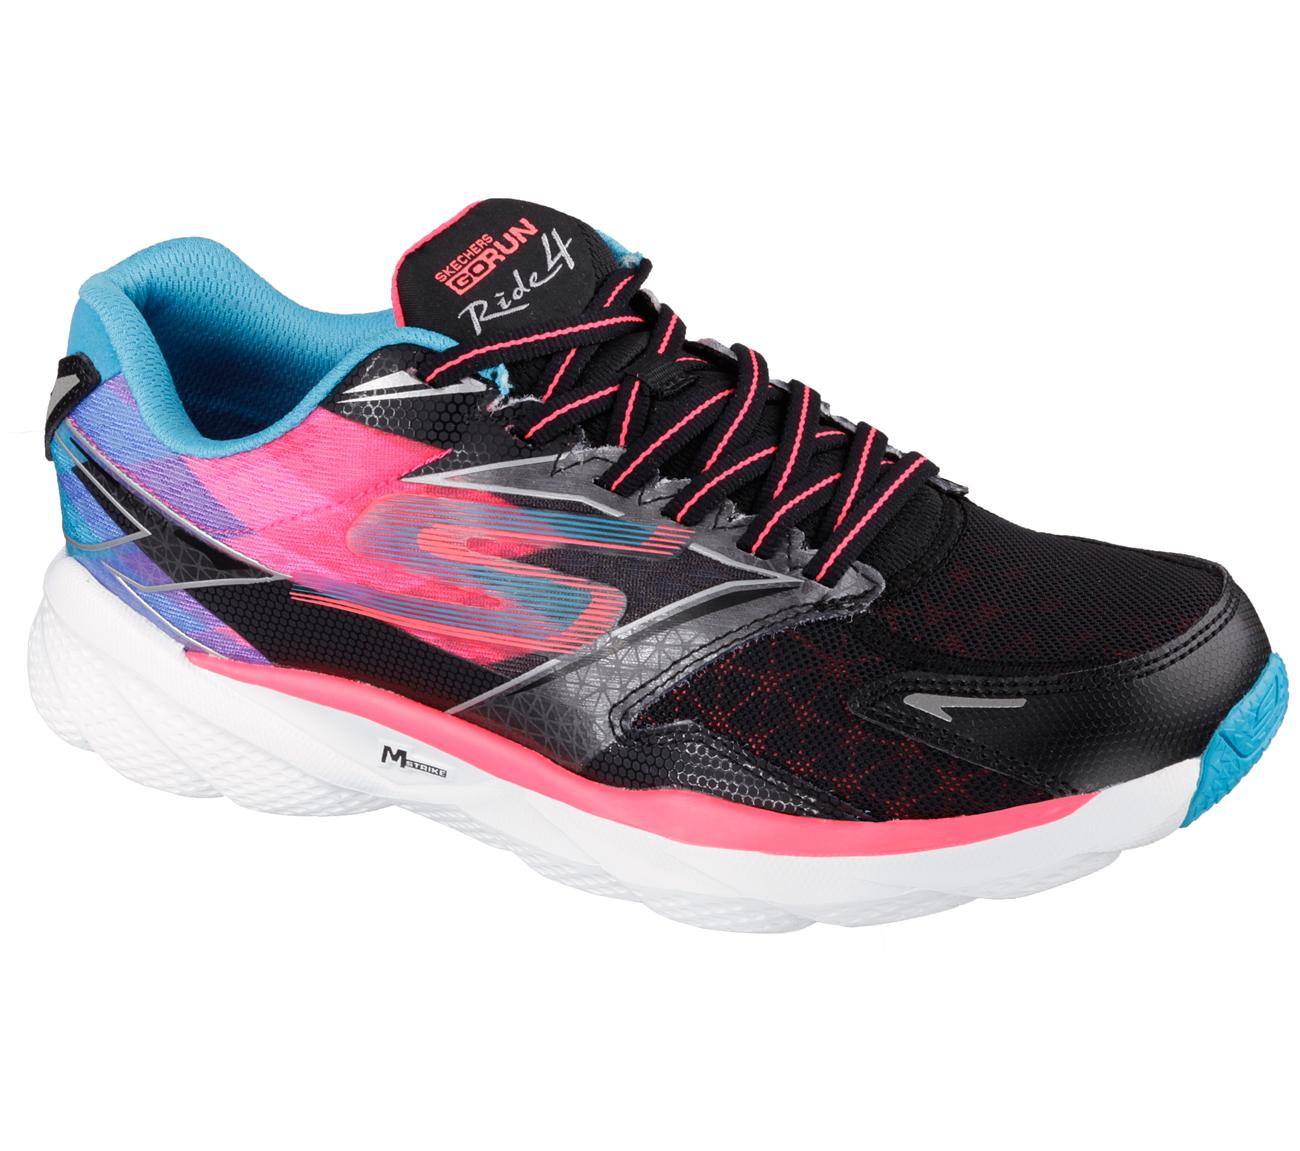 SKECHERS Women's Inspire Sneakers & Athletic Shoes   Wwathleticshoess